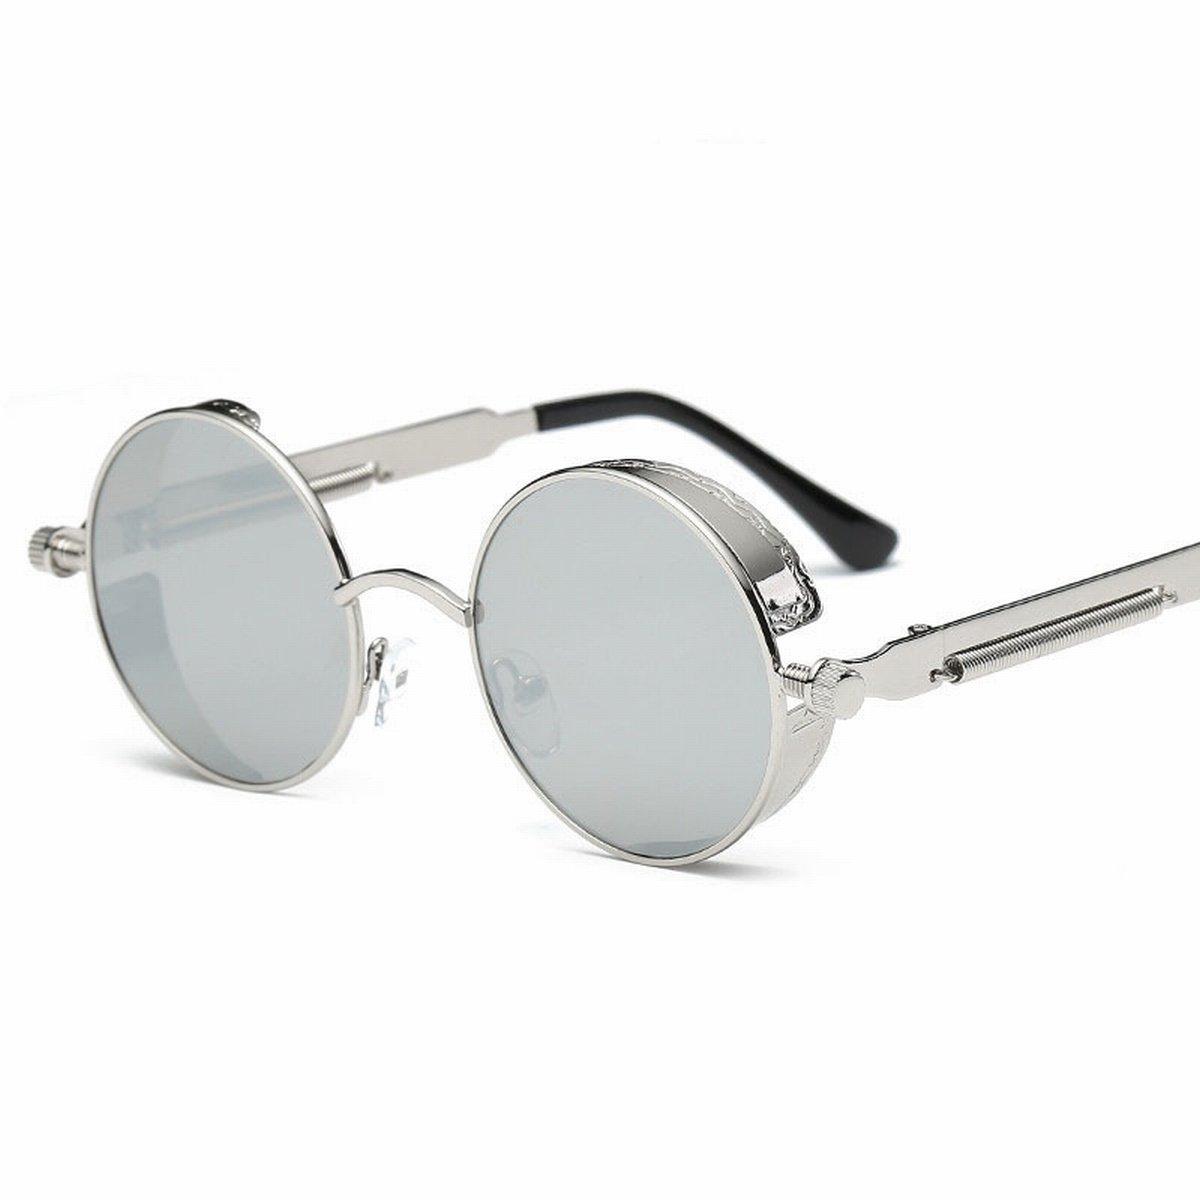 runder rahmen-metall-sonnenbrille Personifizierte Frühlingsspiegel-Beine reflektierende helle farben-damen Retro- sonnenbrille goldrahmen BzU6pokeF